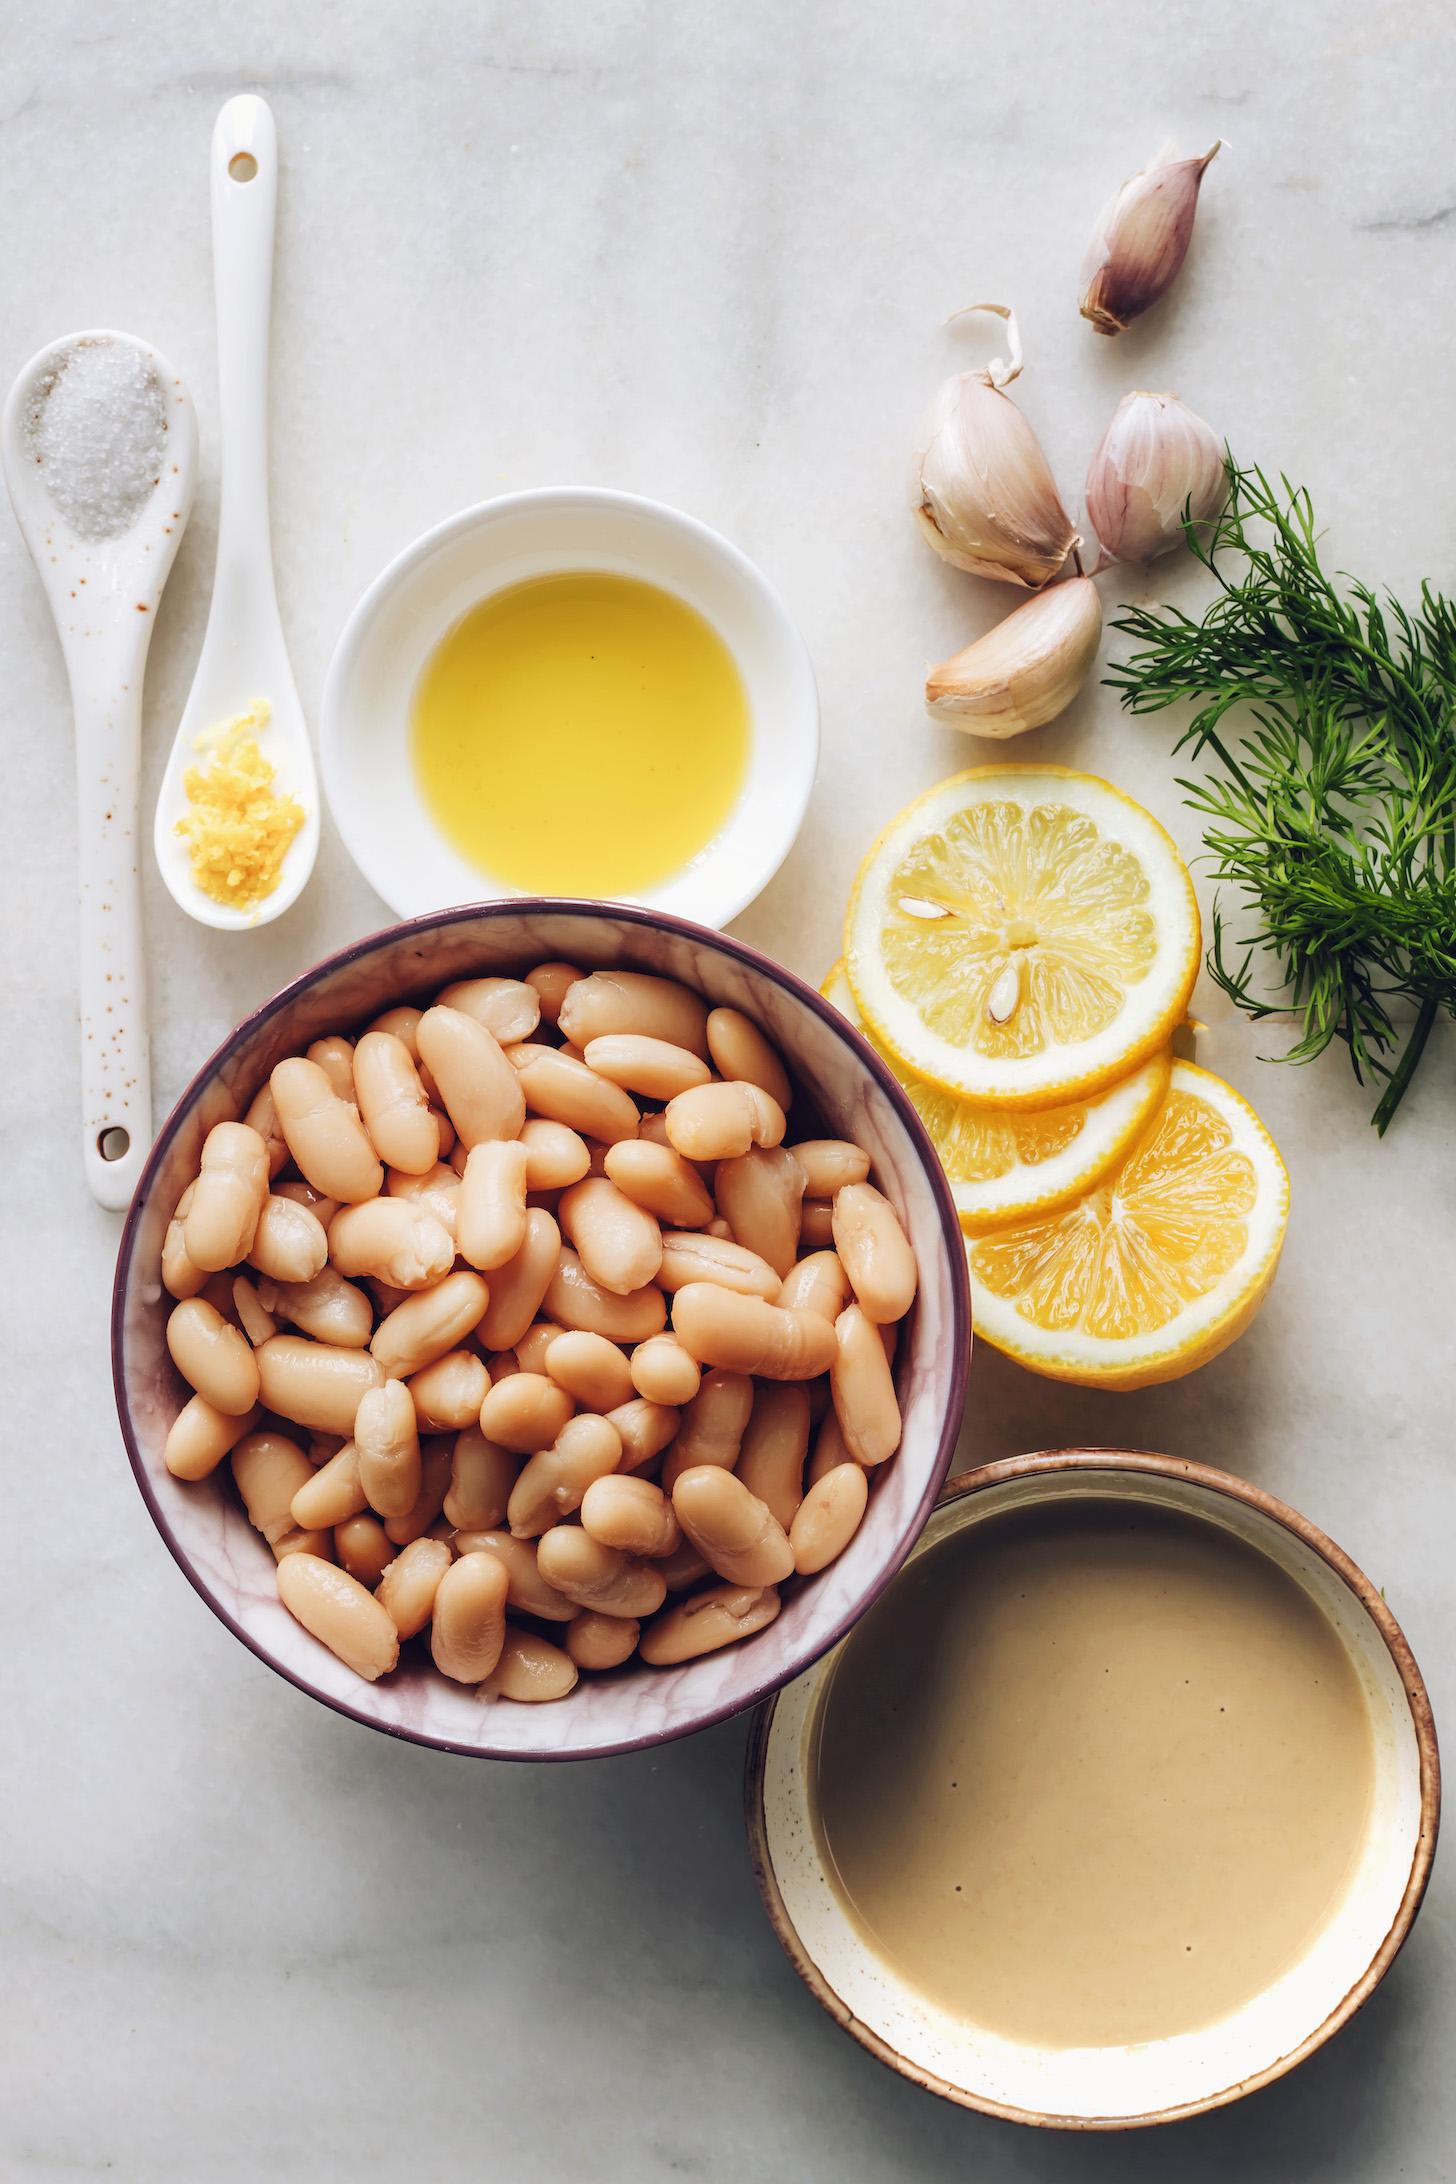 Морская соль, лимон, белая фасоль, тахини, оливковое масло, чеснок и укроп